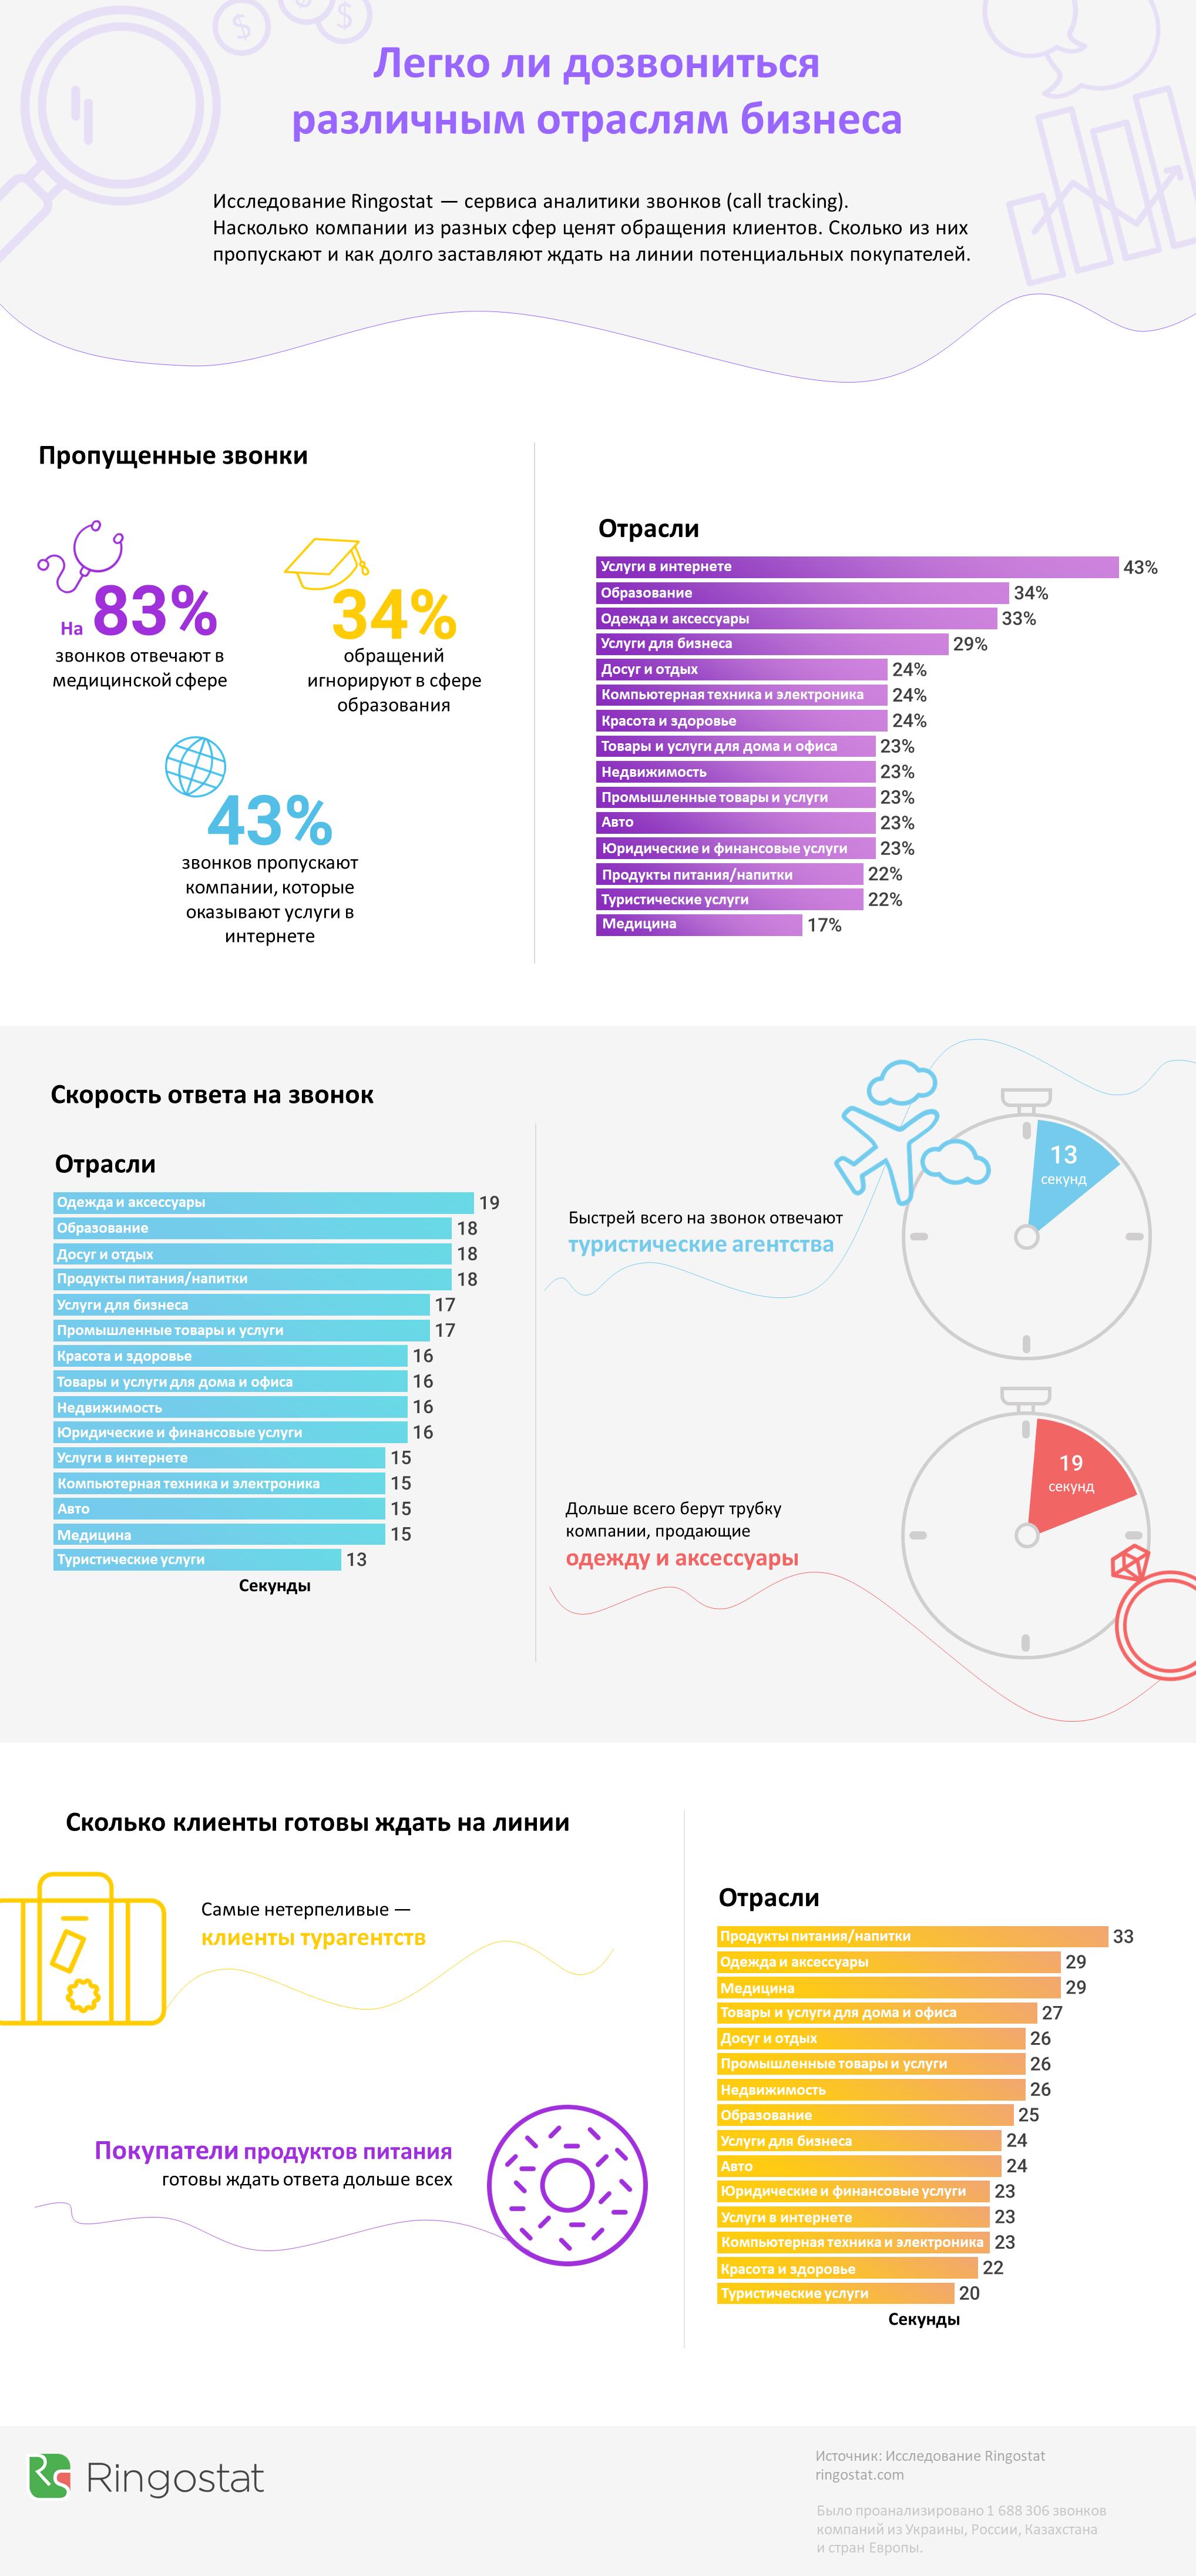 инфографика бизнес пропущенные звонки ringostat